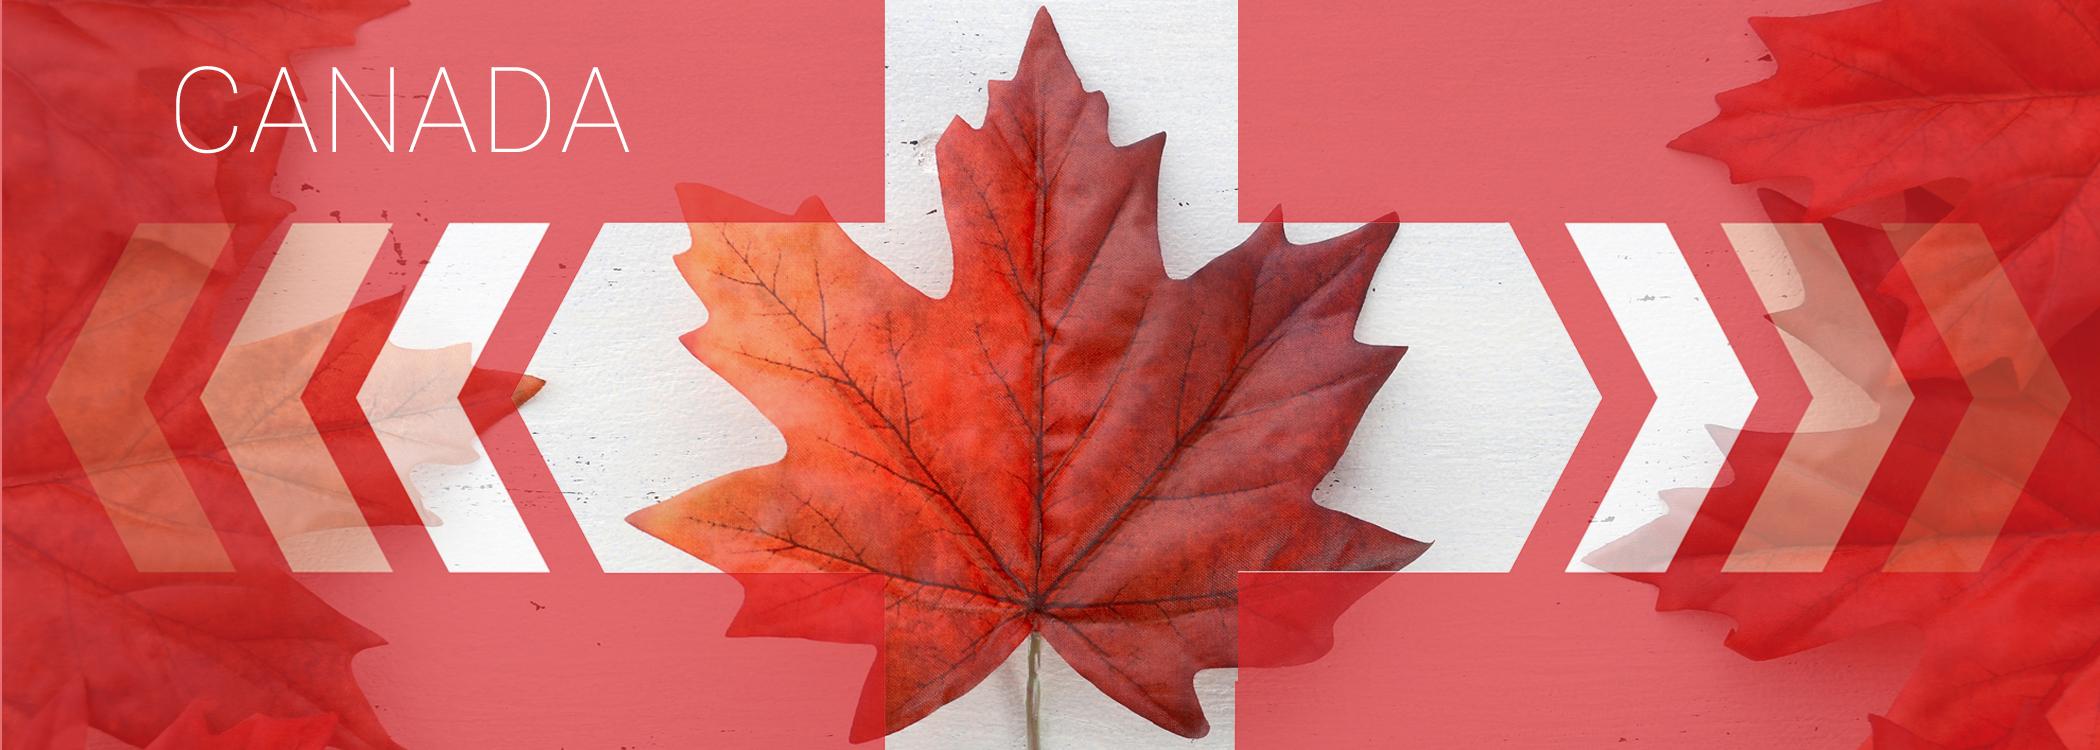 canada leaf.jpg